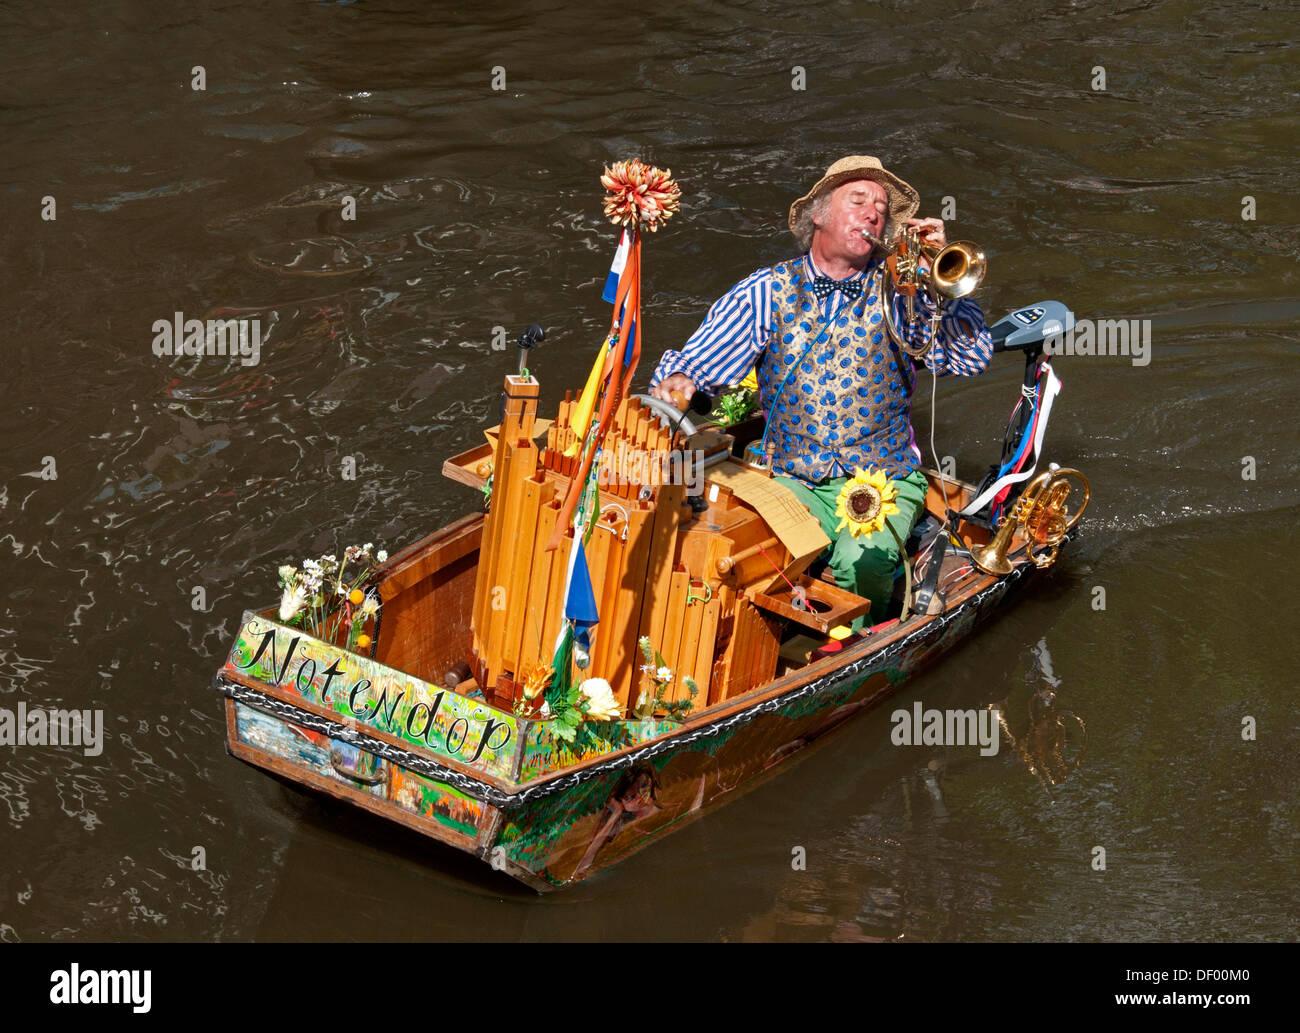 Un músico callejero ( Reinier Sijpkens ) tocando la trompeta en un órgano barco sobre un canal en Amsterdam, Imagen De Stock